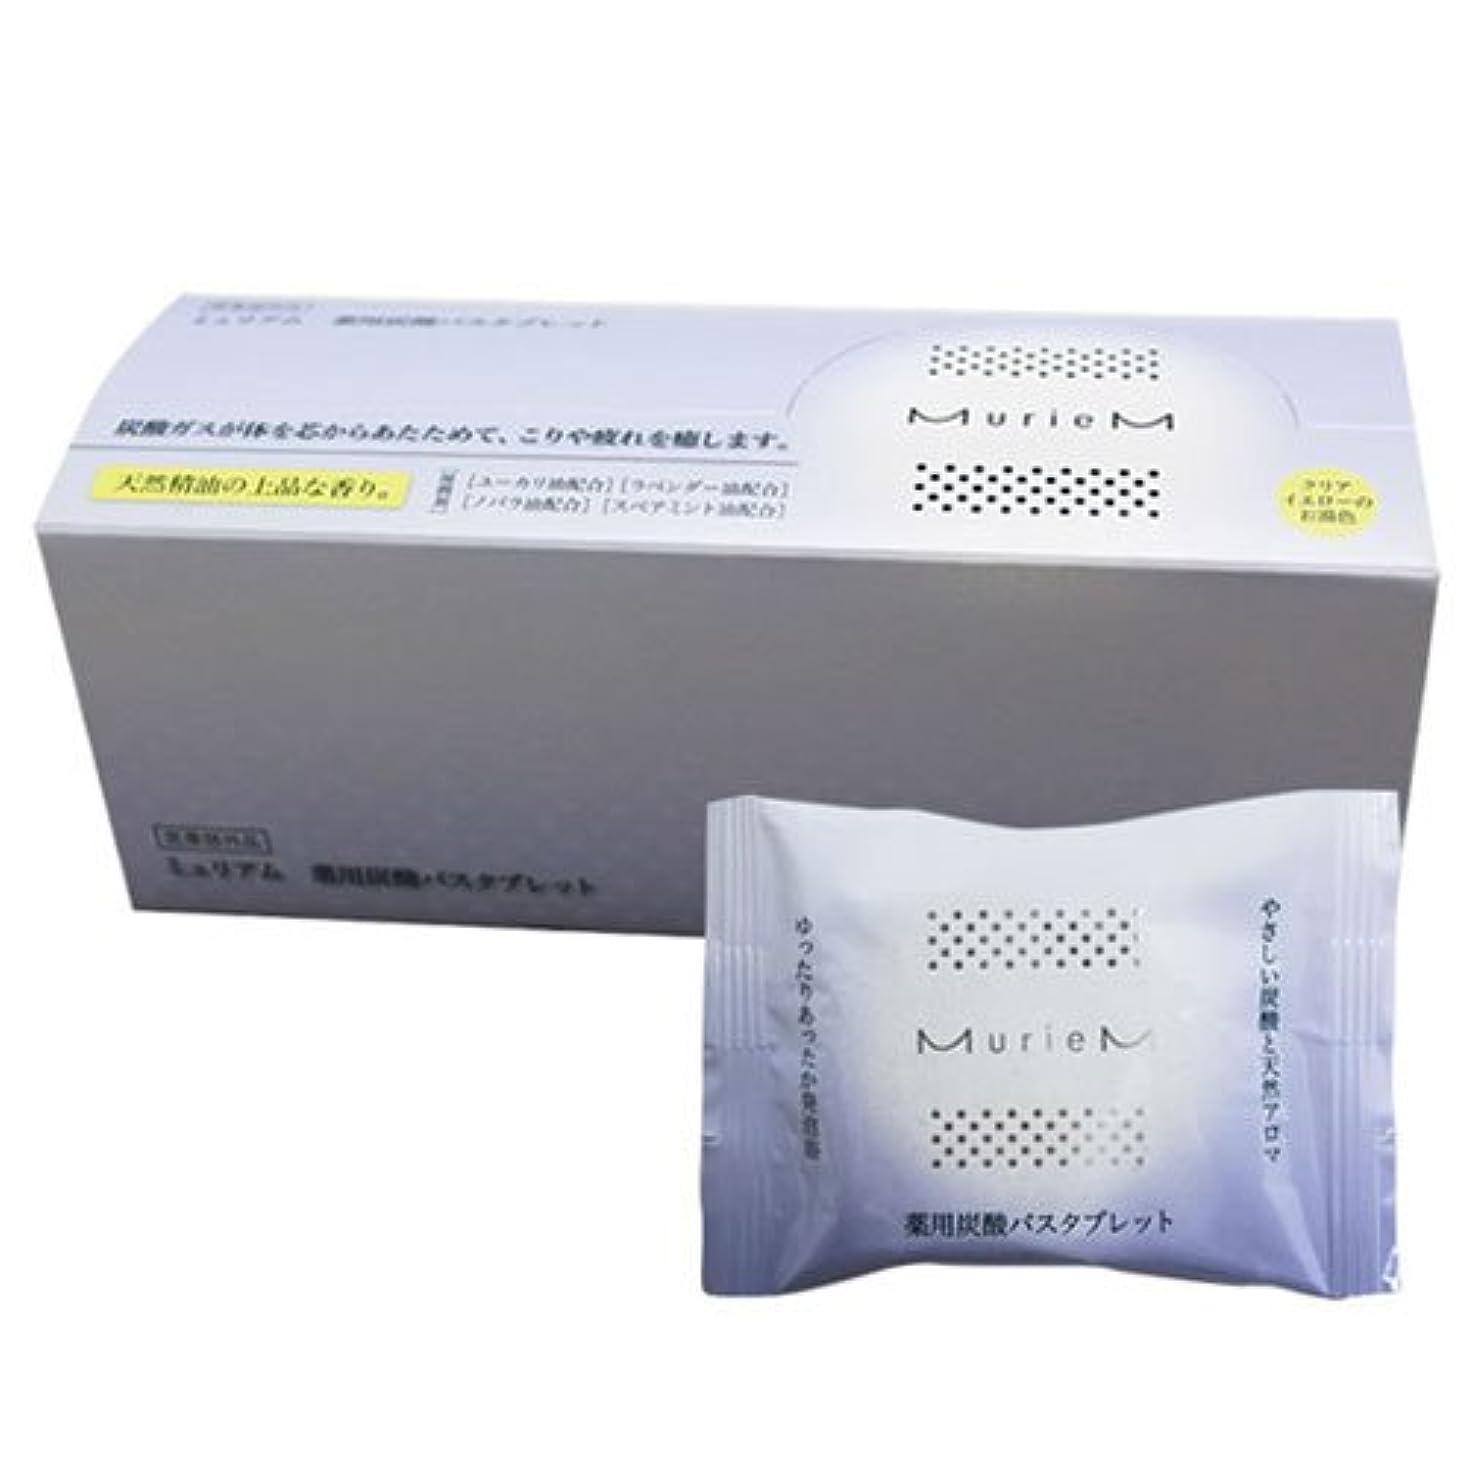 士気インフレーション羊の服を着た狼ナンバースリー ミュリアム 薬用炭酸バスタブレット 30g×10包 [医薬部外品]